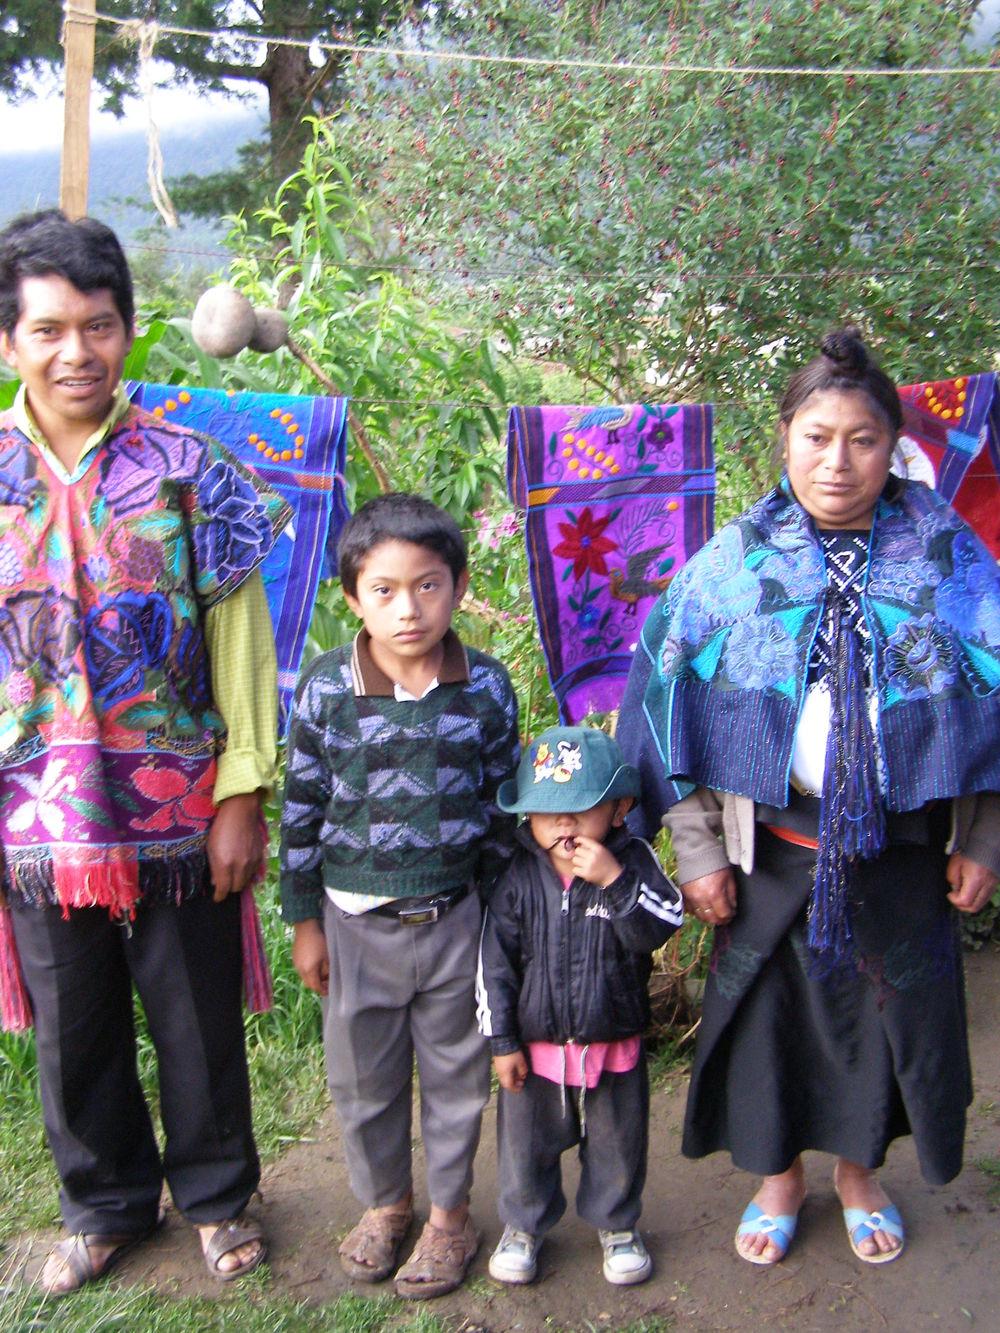 Zicantan Family, Chiapas